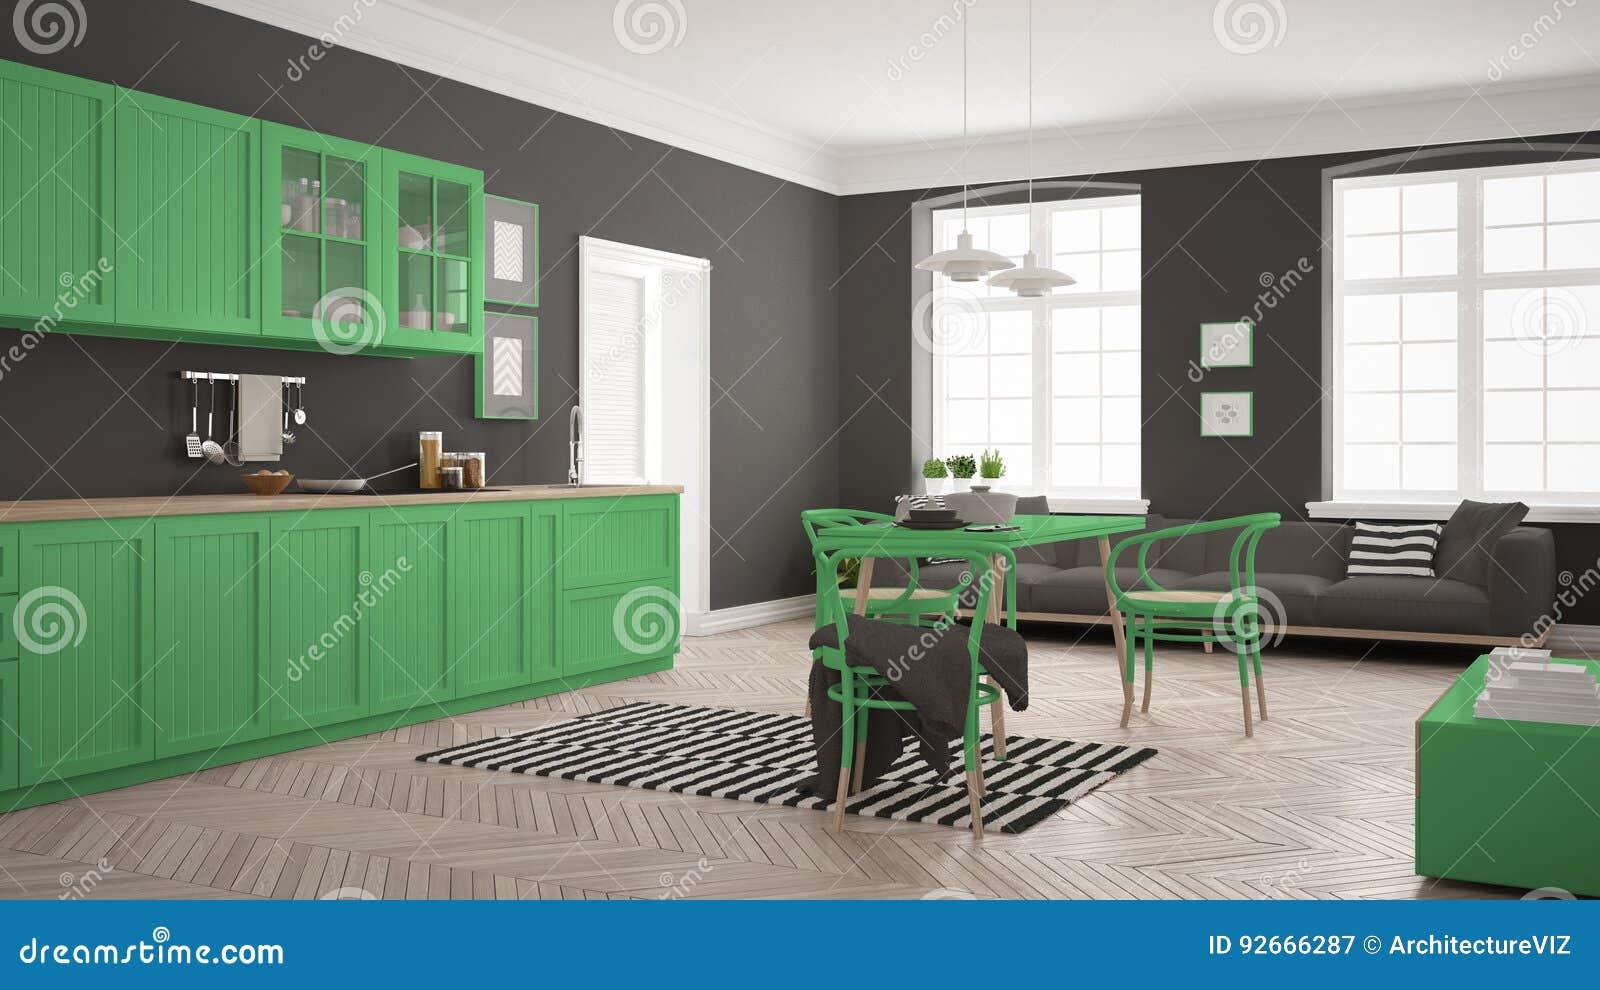 Eettafel In Woonkamer : Minimalistische moderne keuken met eettafel en woonkamer whi stock